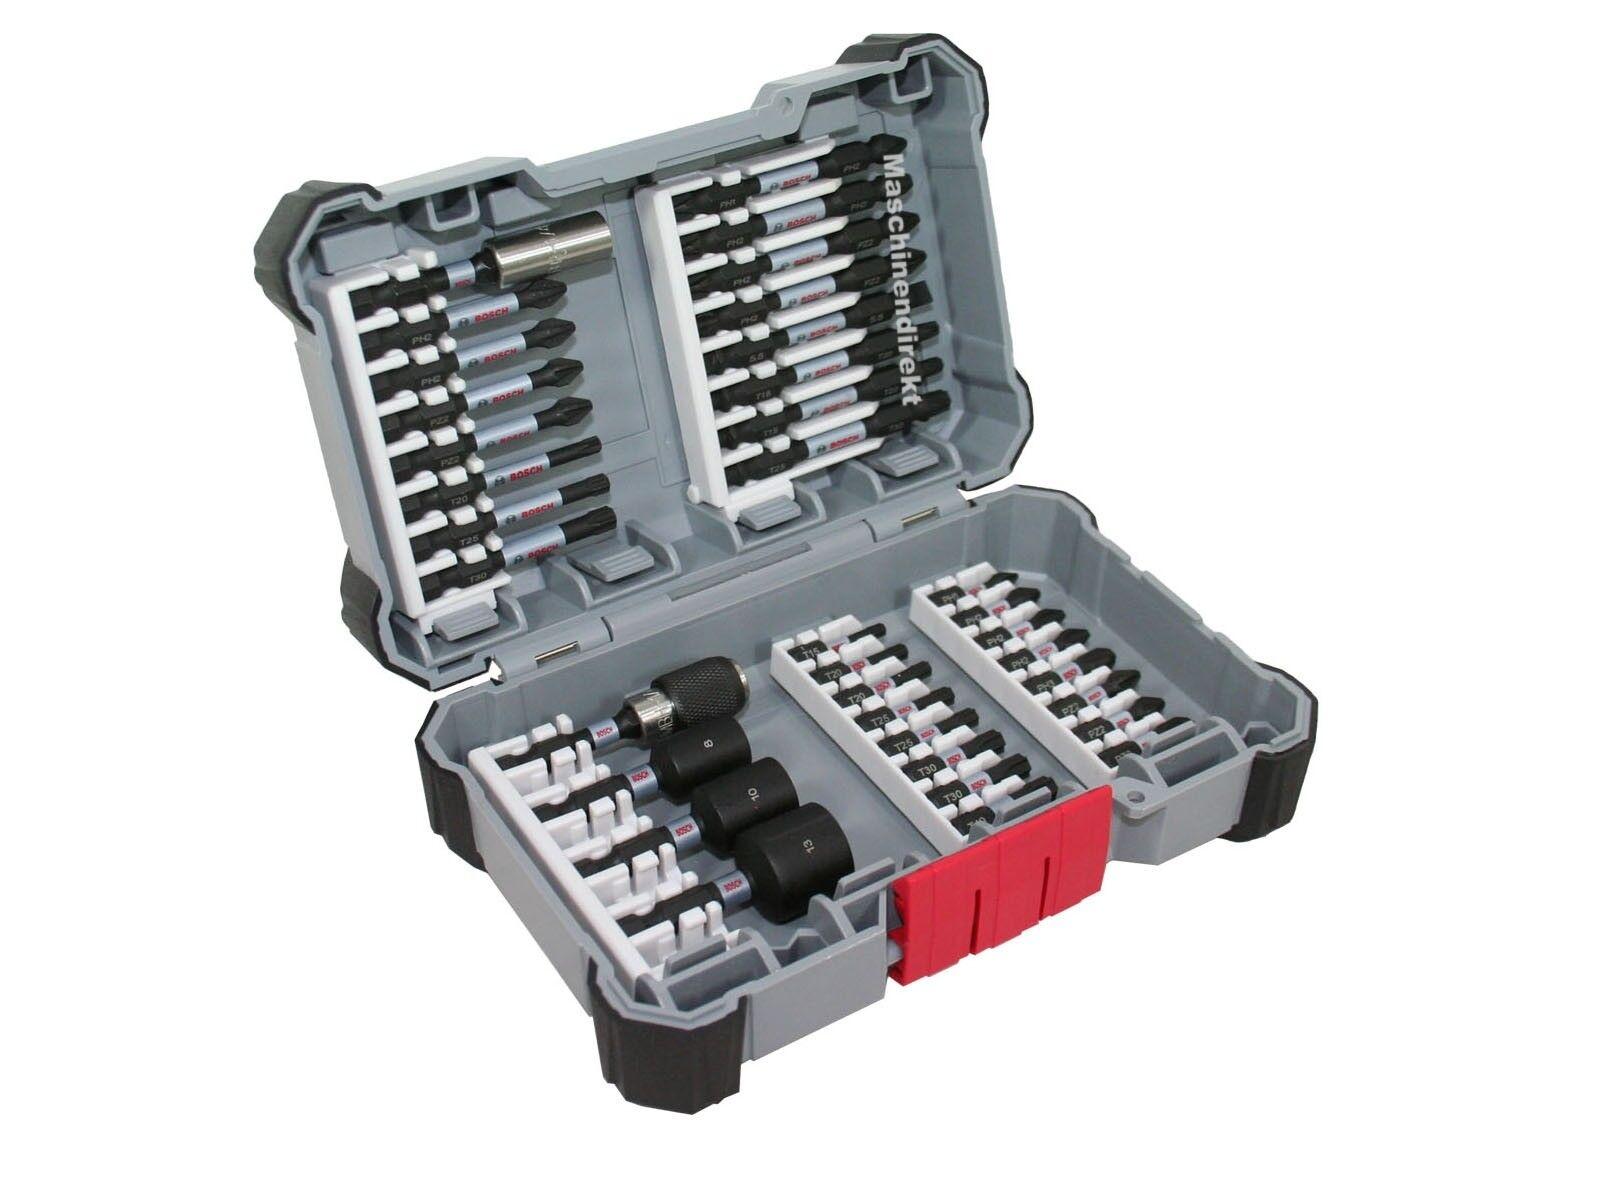 Bosch Schrauberbit Set 36-teilig 2608522365 Impact Control Bit Set